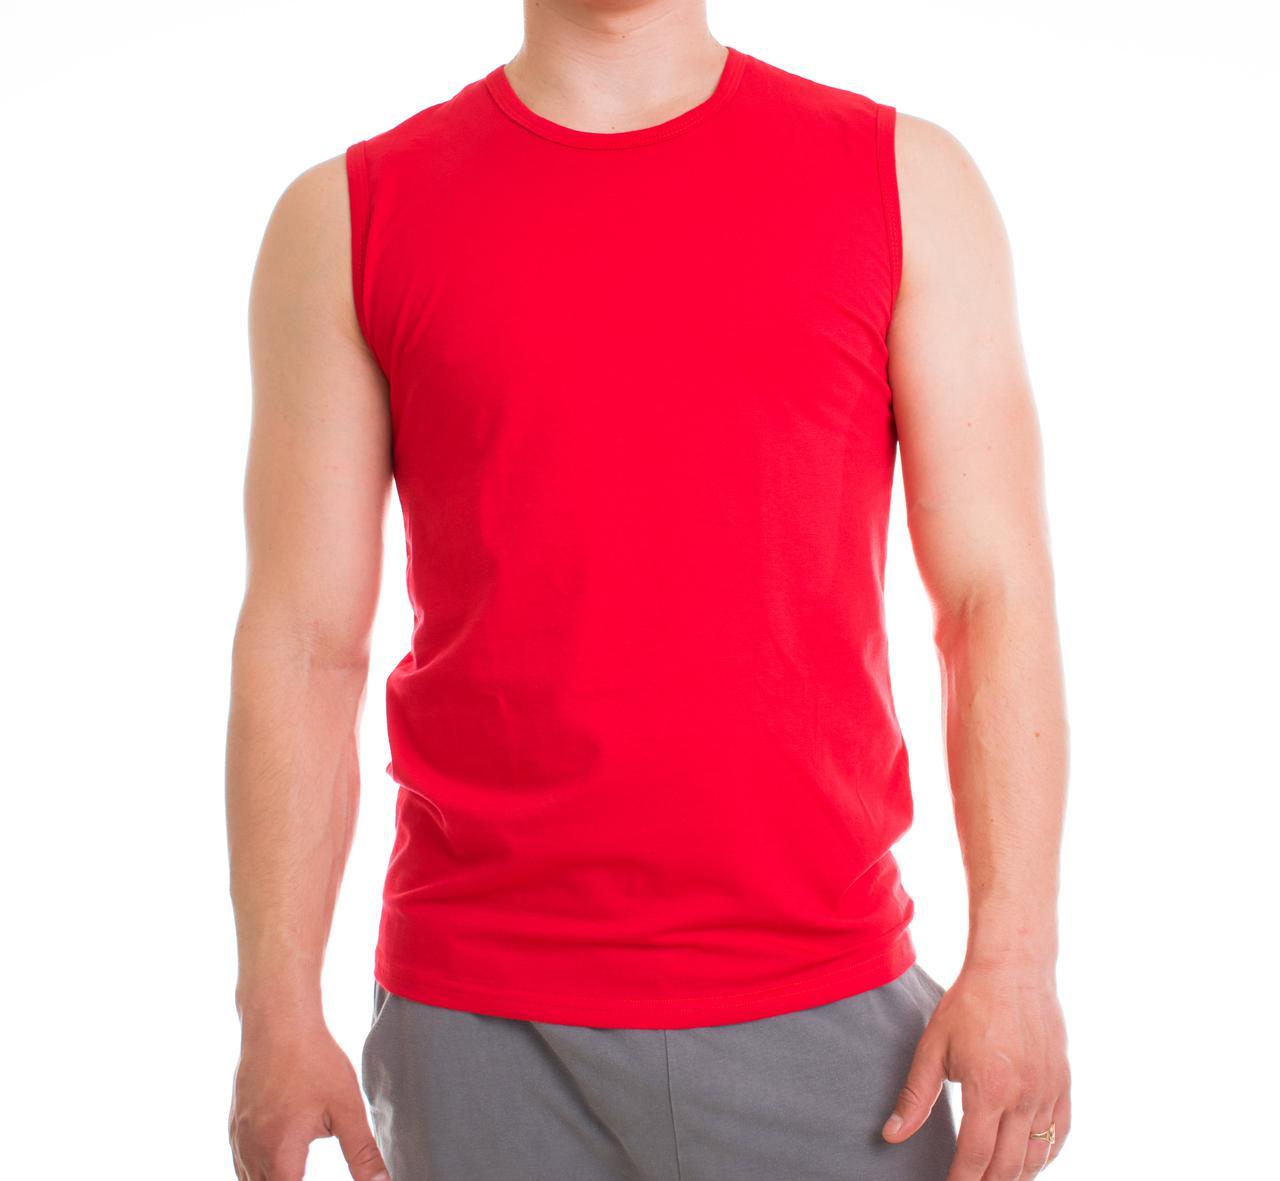 Bono Футболка чоловіча червона без рукавів 950122